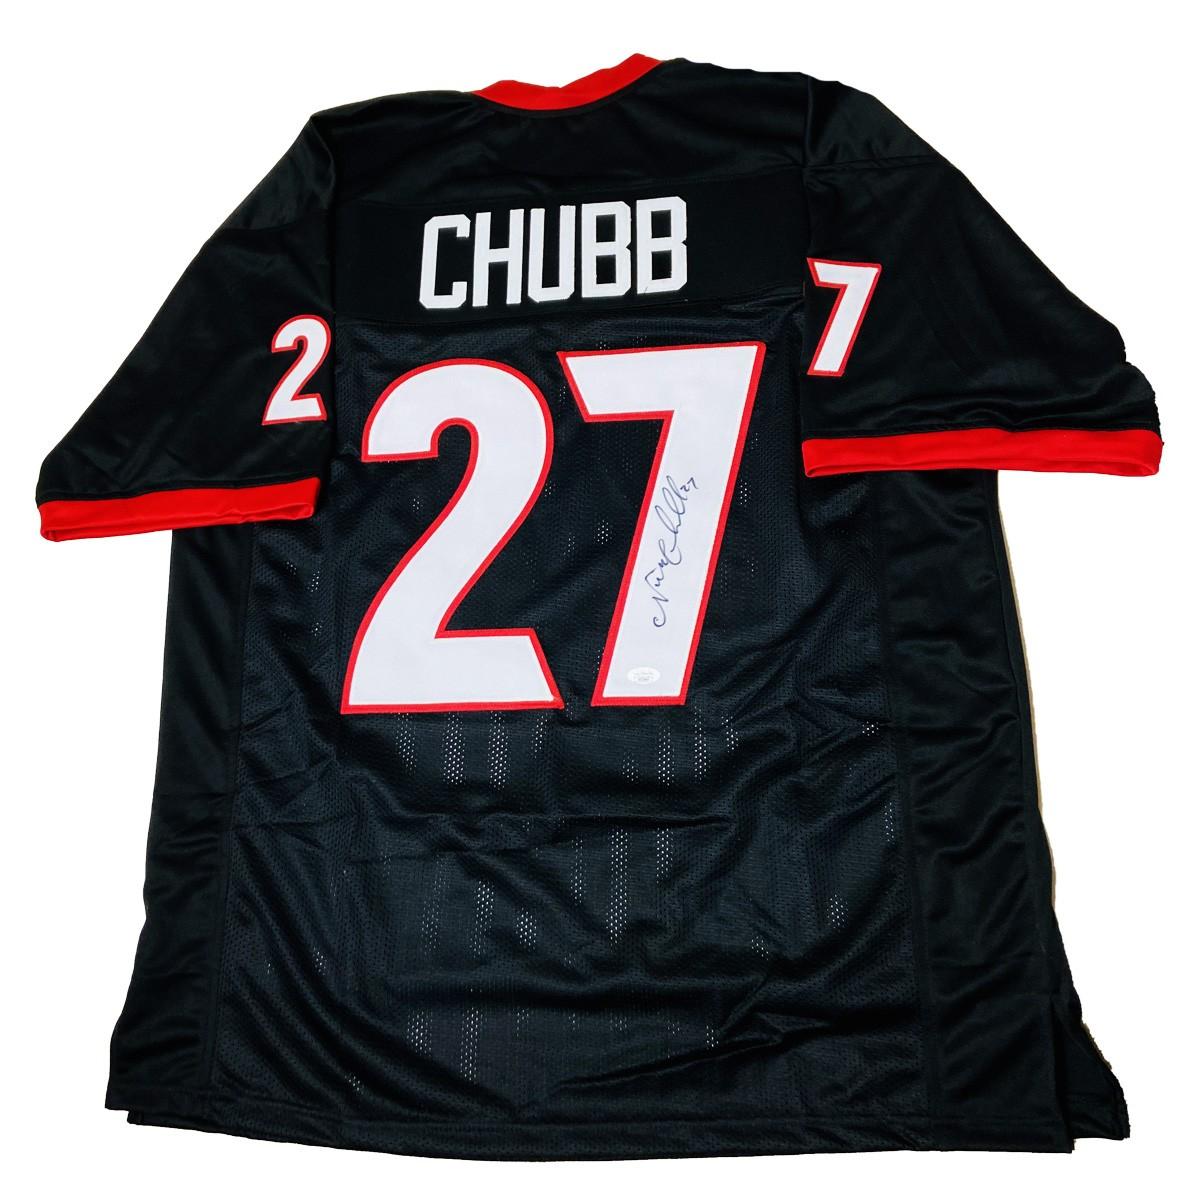 Nick Chubb Georgia Bulldogs Autographed Signed Black Jersey - JSA ...